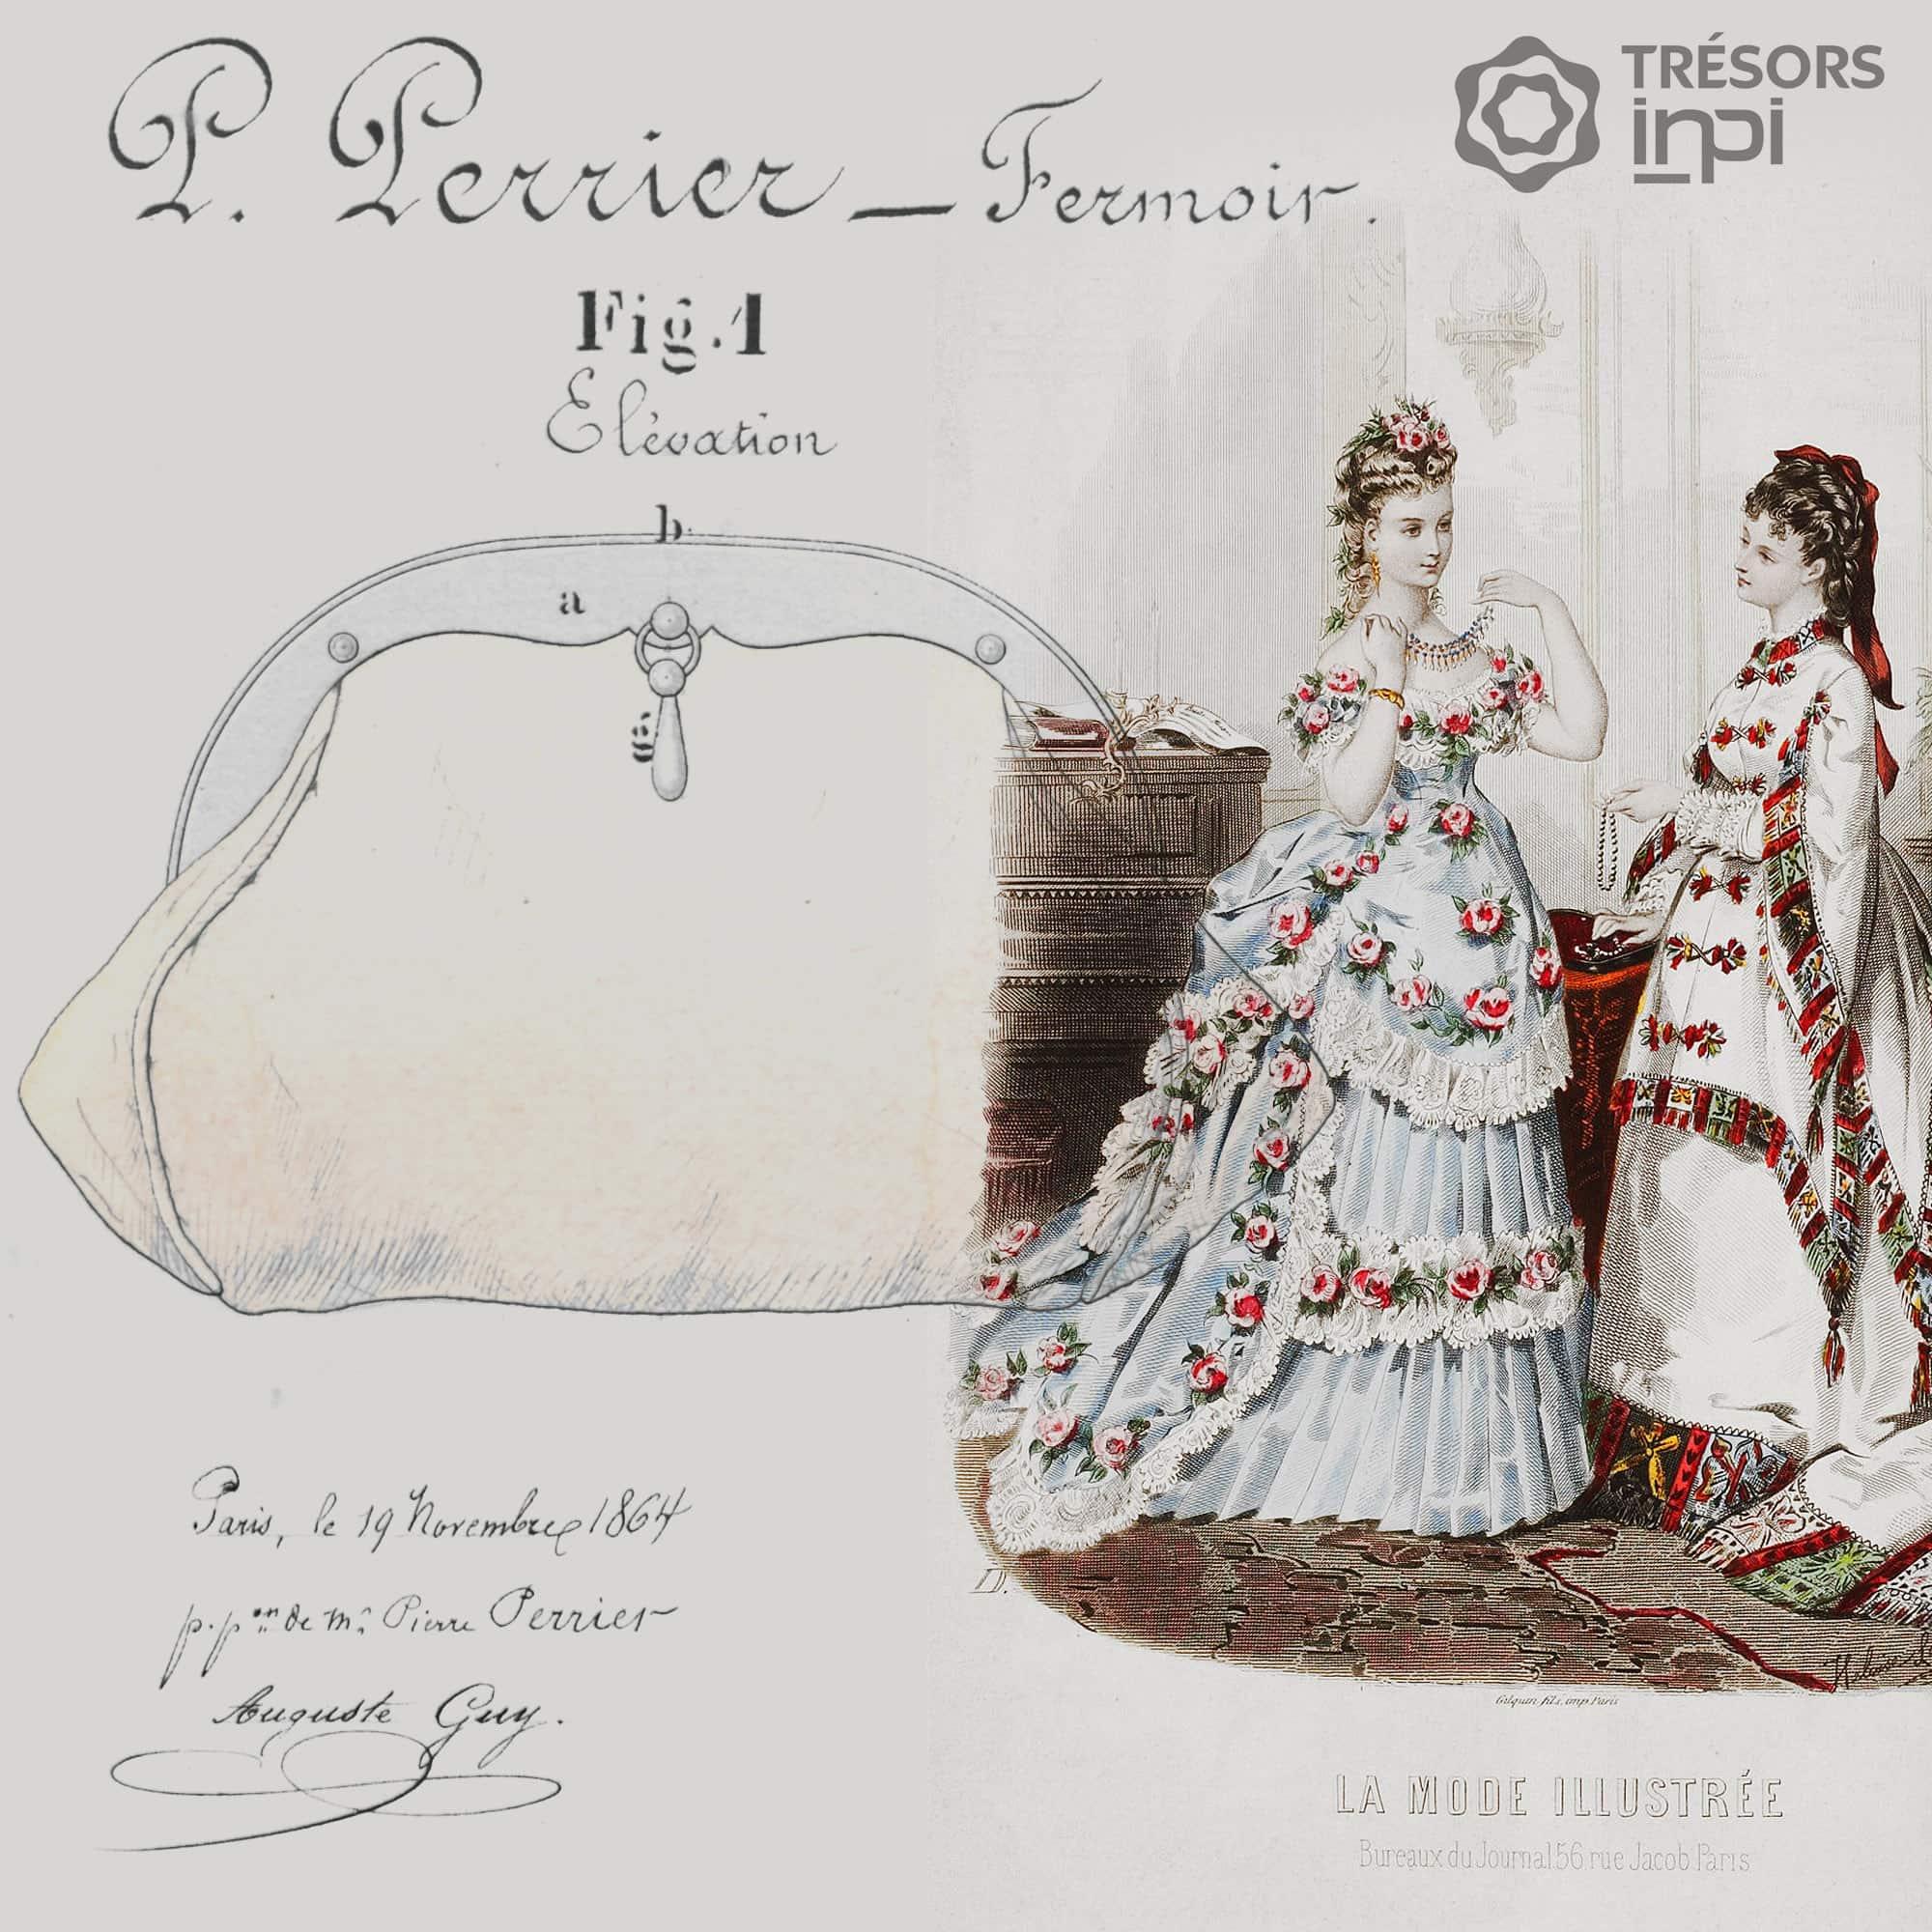 History of handbag - INPI treasure by RUNWAY MAGAZINE